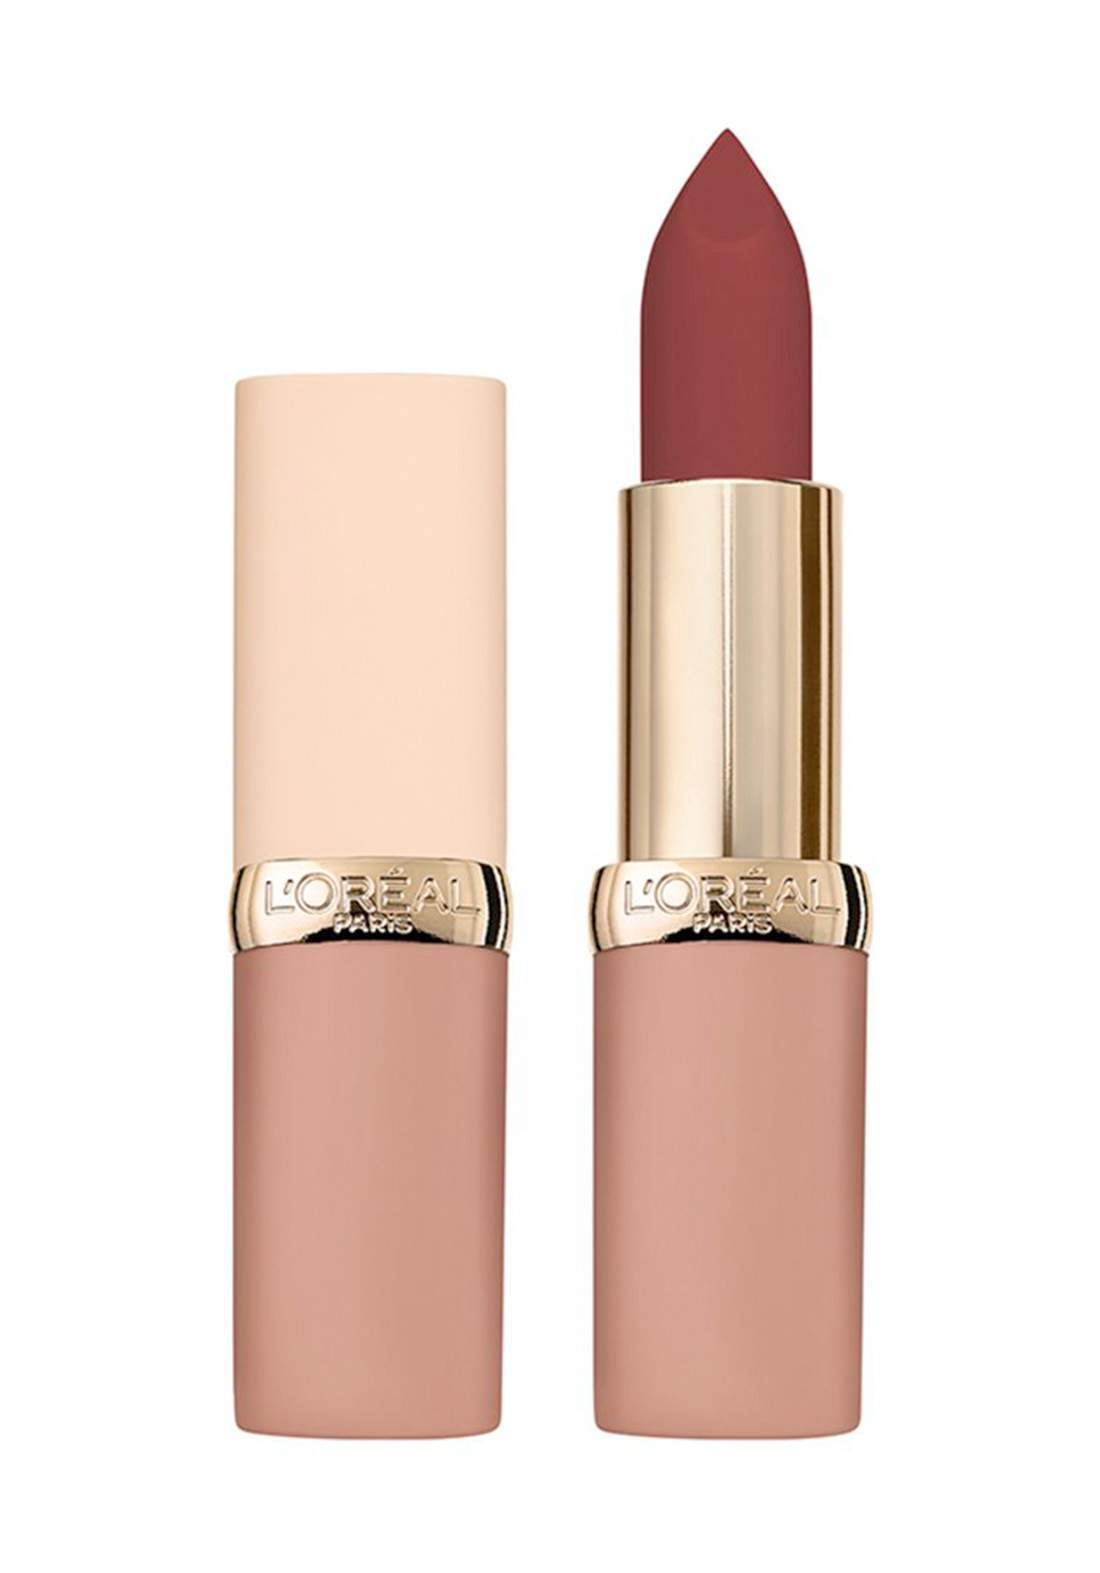 L'Oréal Paris Infallible Color Riche Lipstick 09  (027-1182)  احمر شفاه